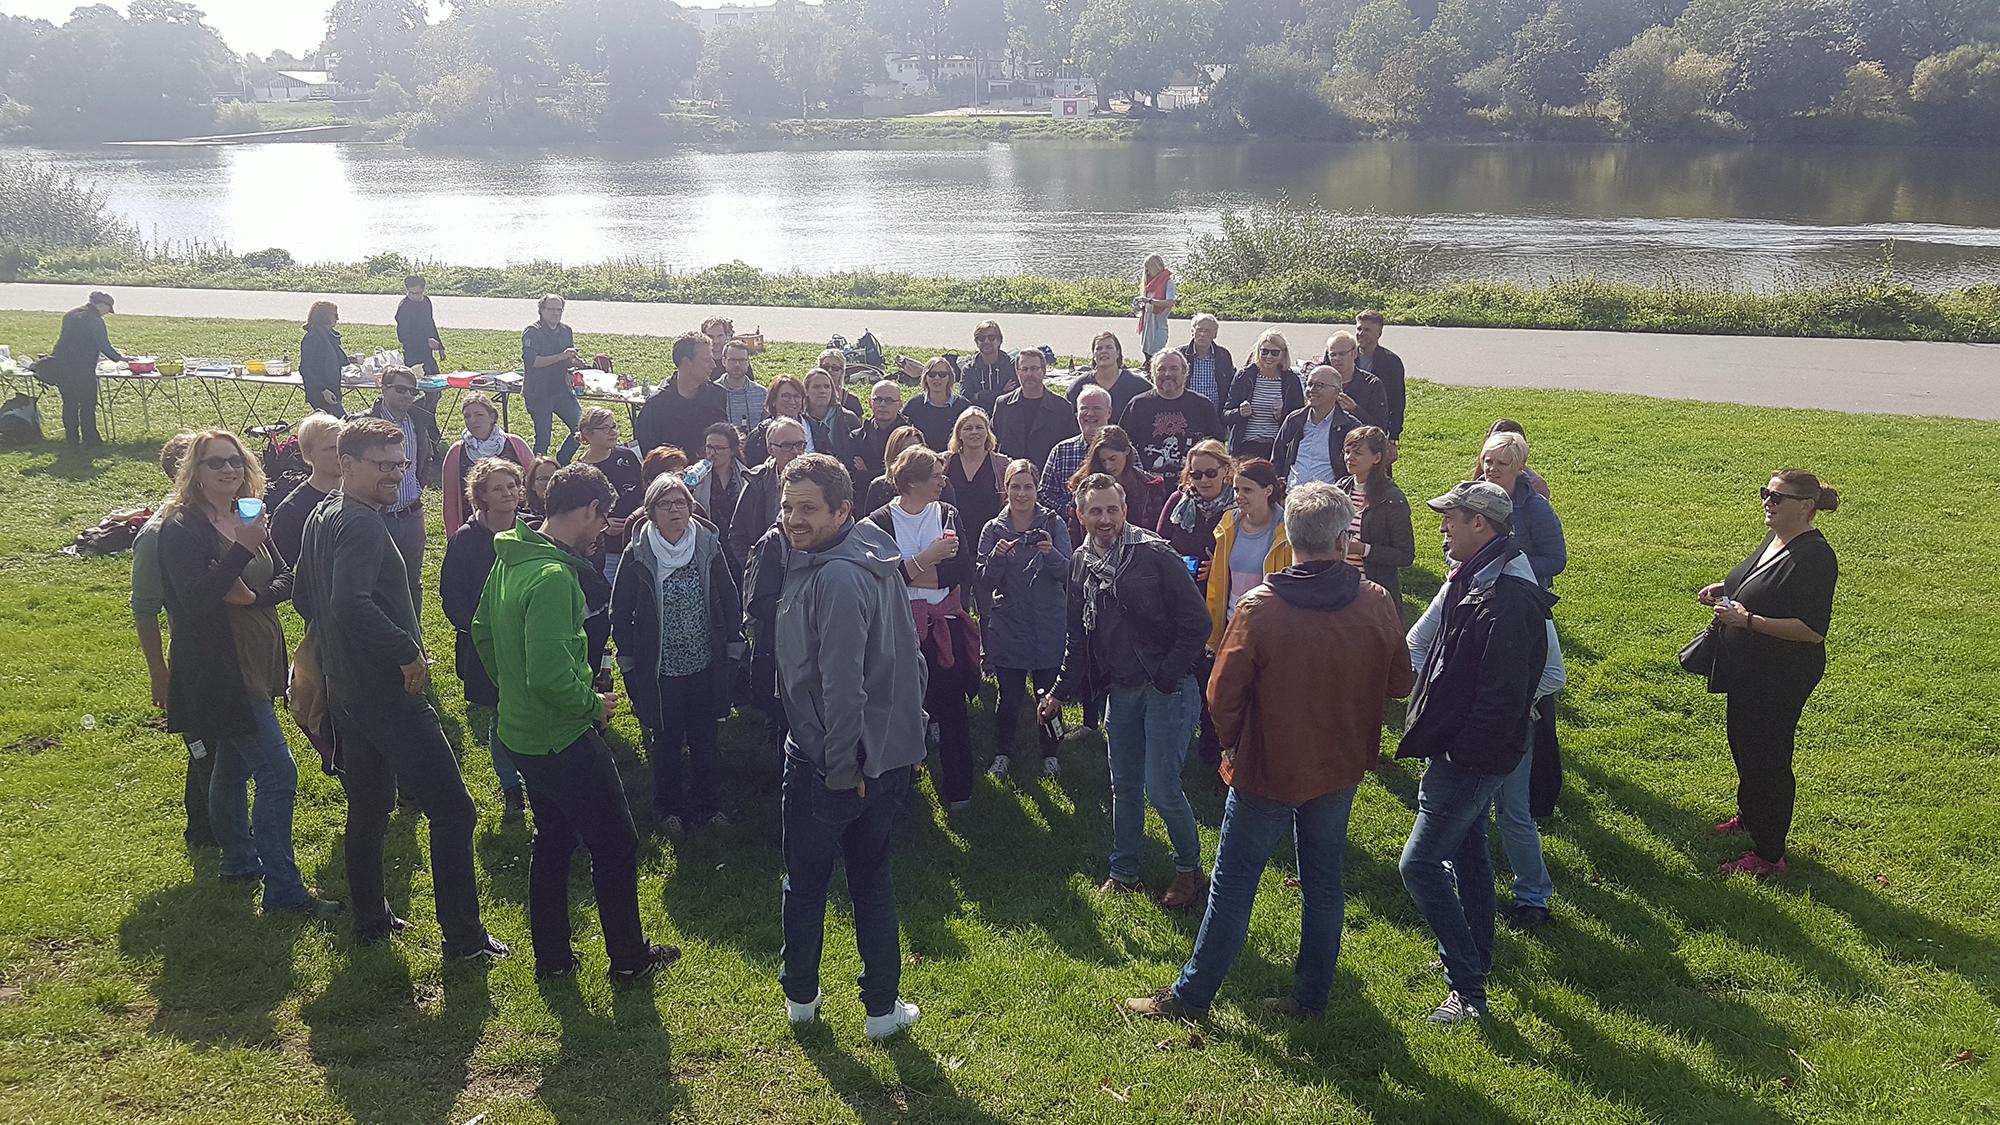 Kollegium beim Picknick an der Weser